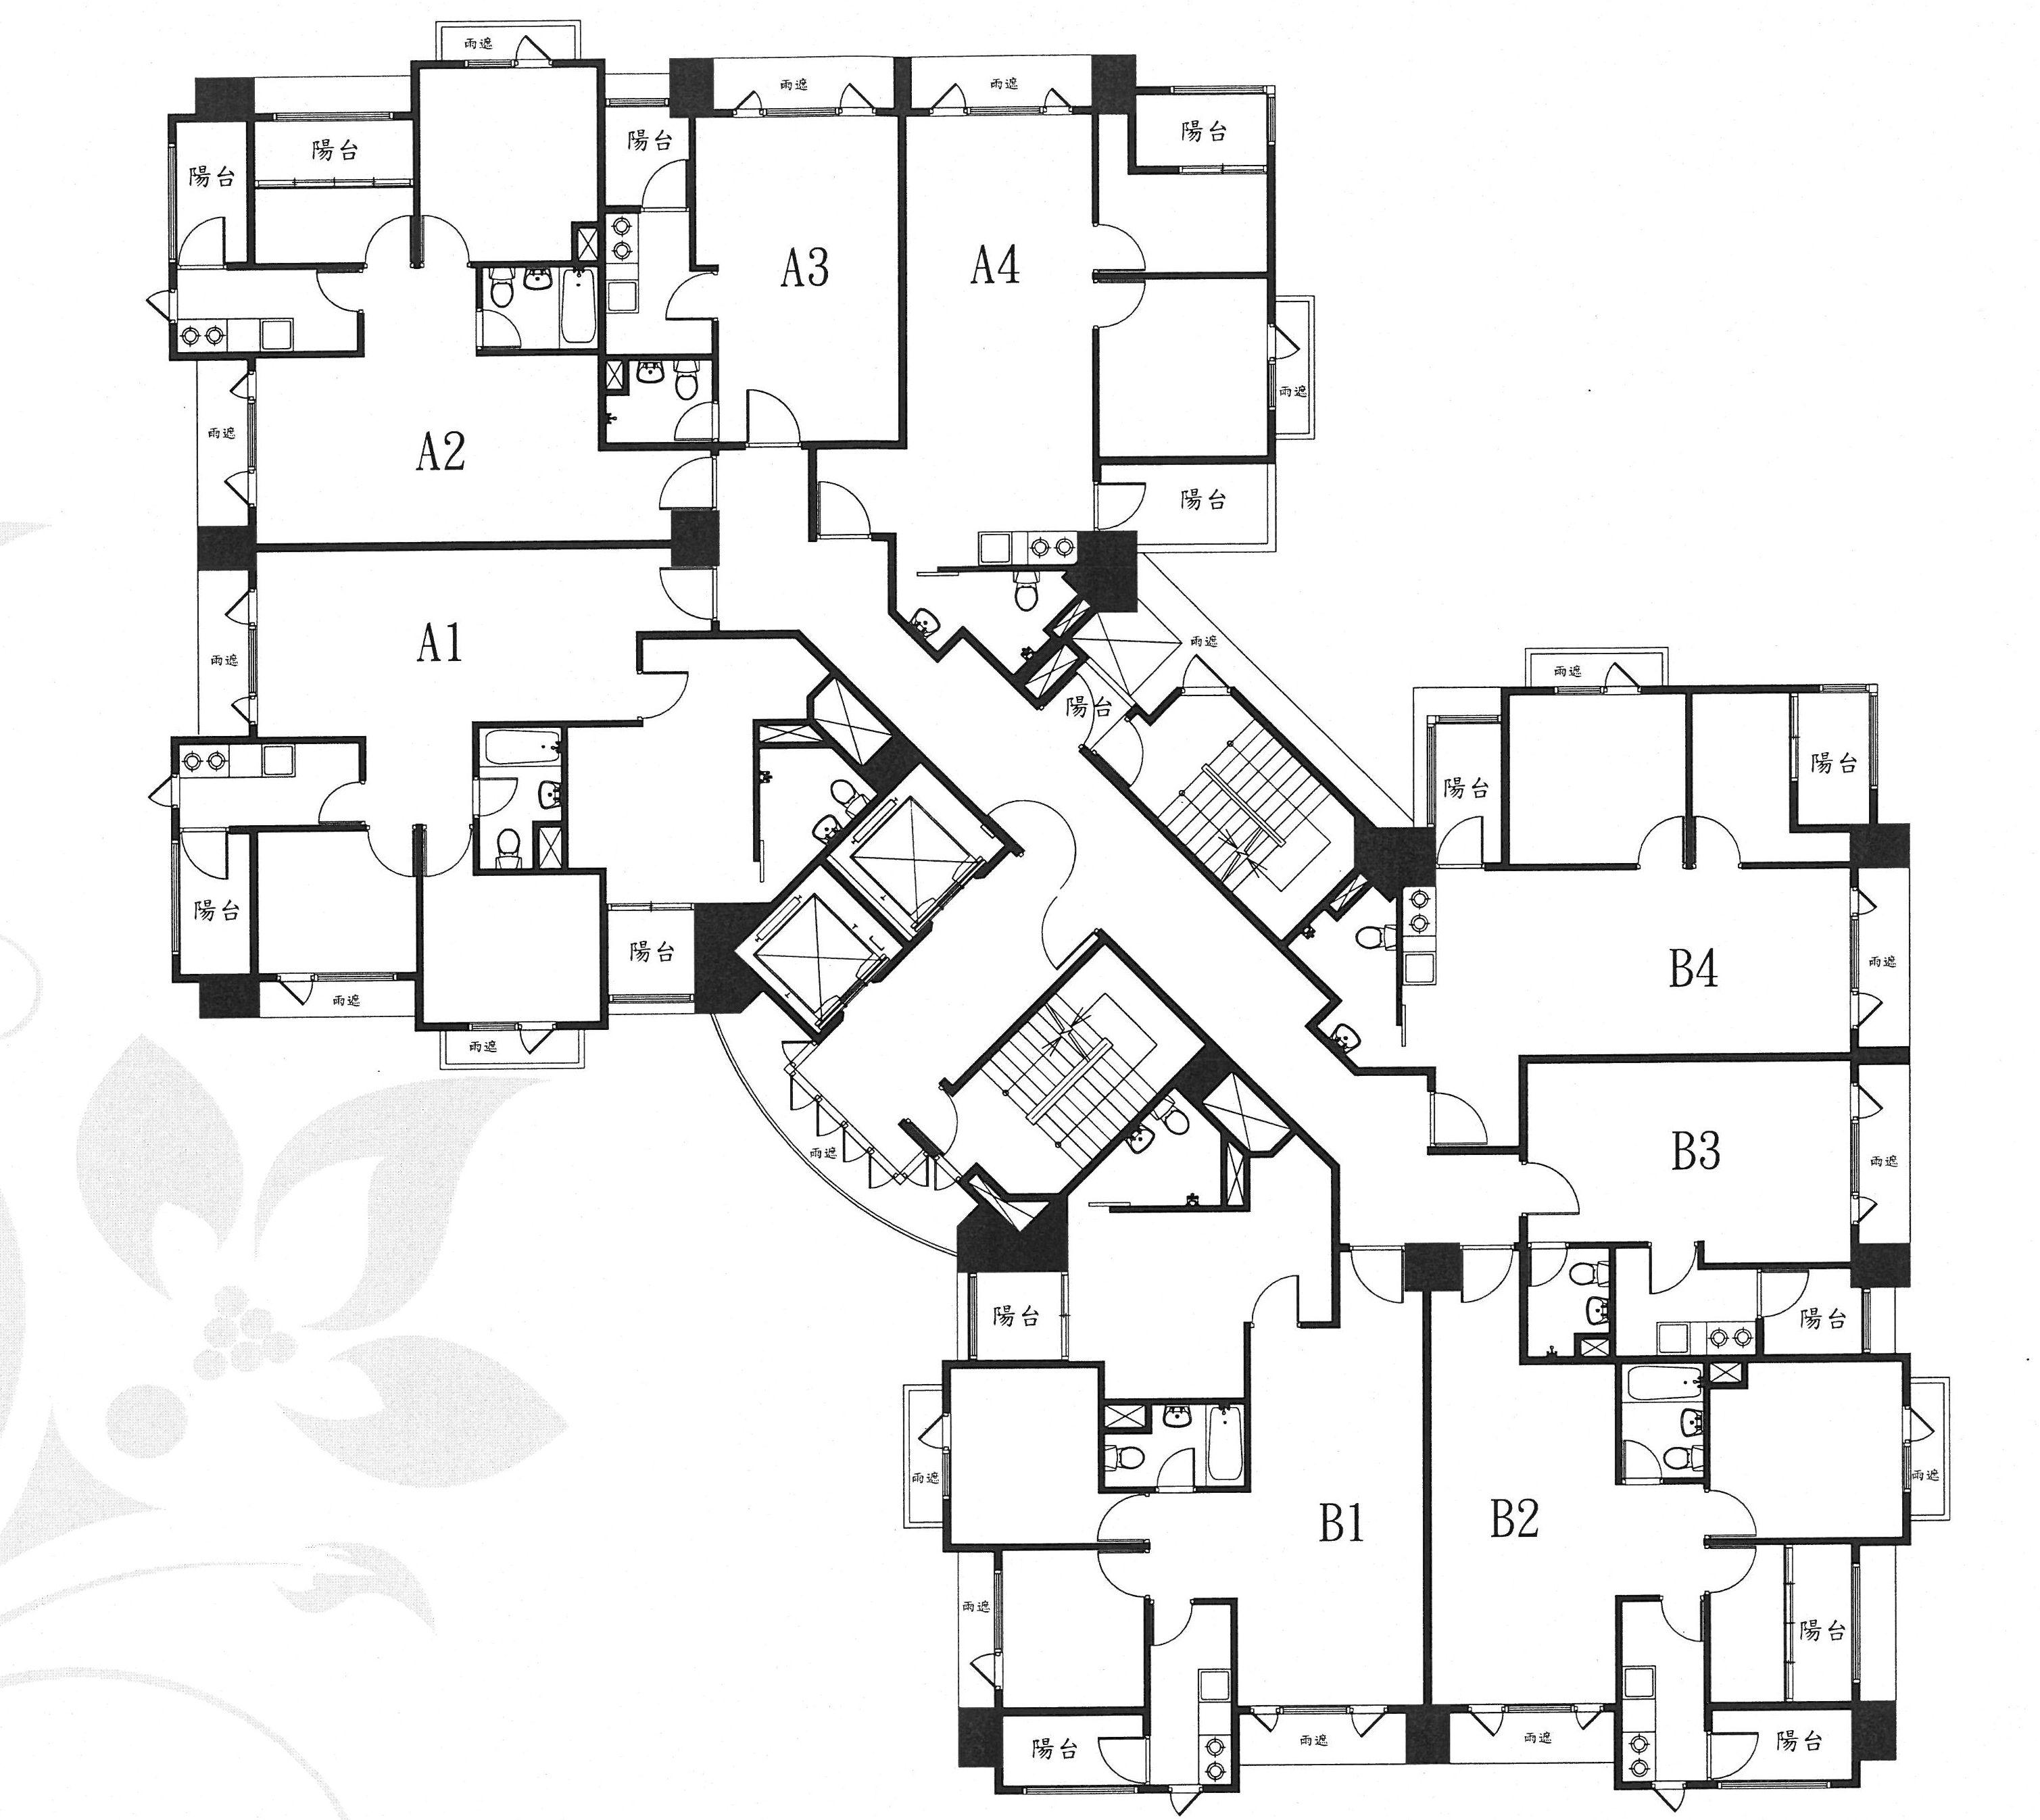 Propuesta Hotel Floor Plan Hotel Design Architecture Architectural Floor Plans